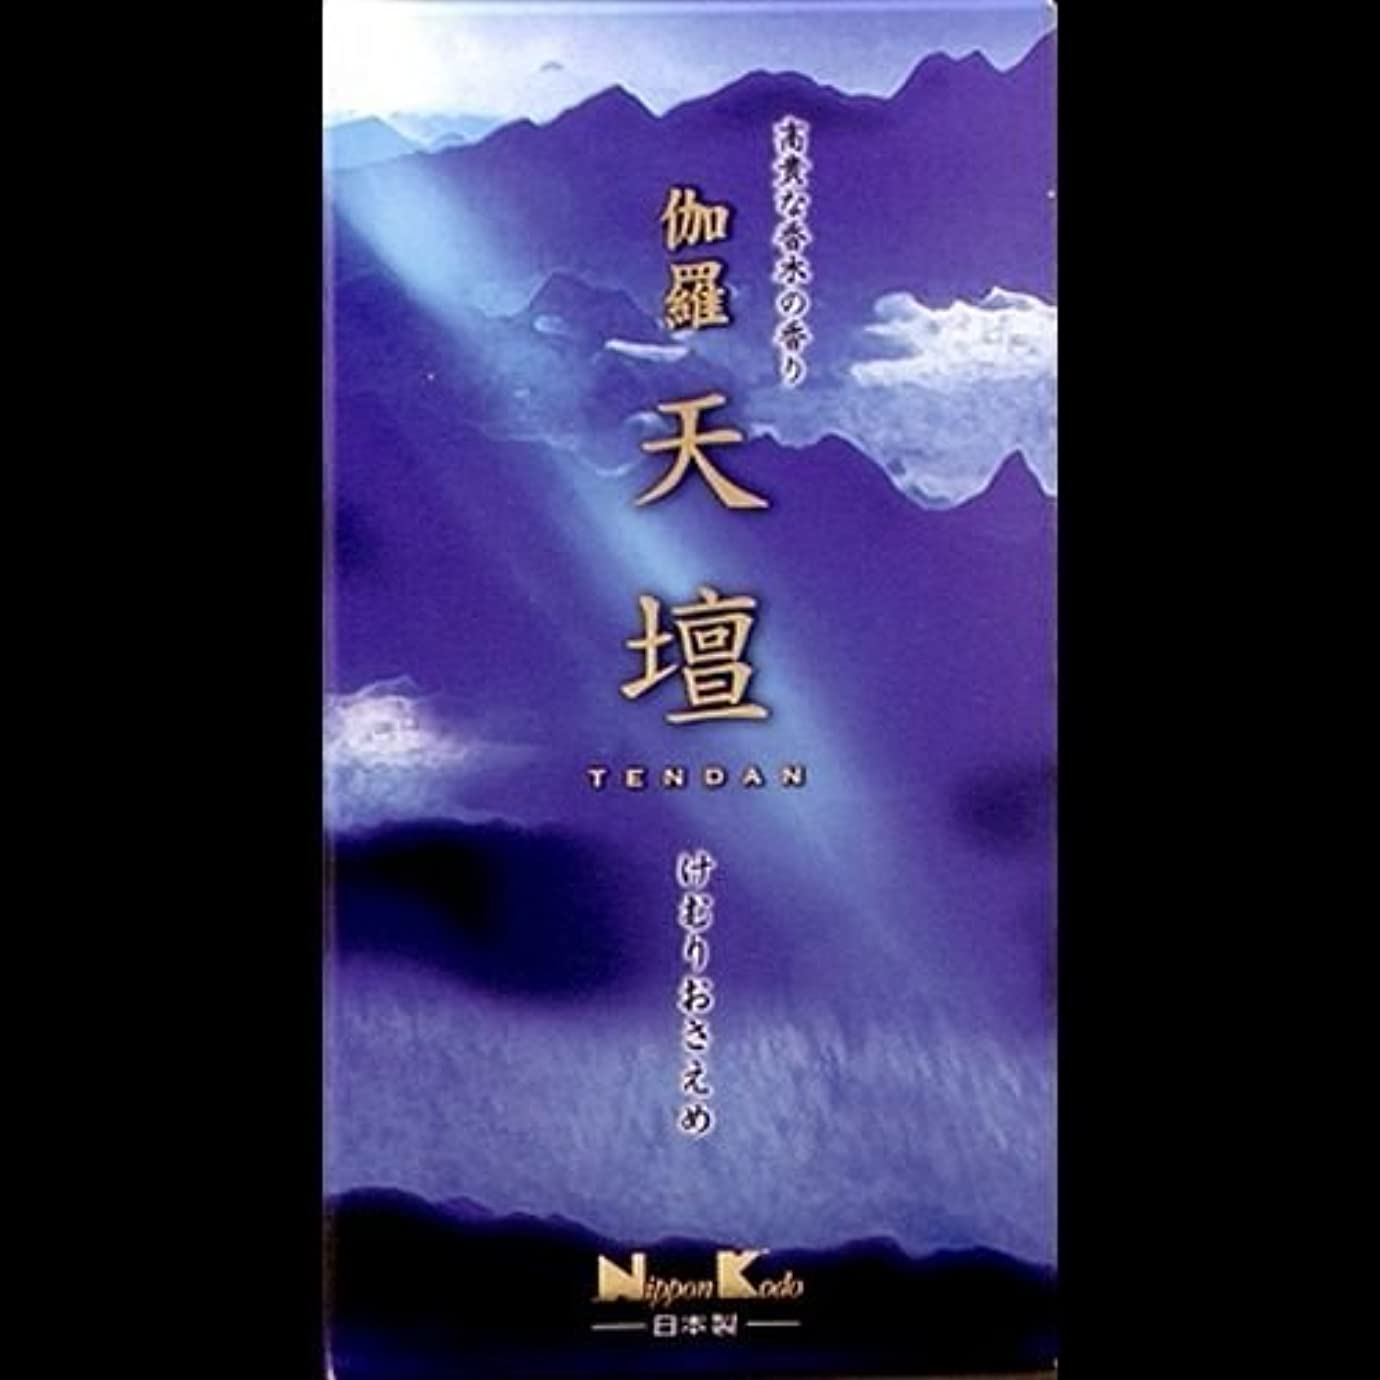 ブレーススパーク天才【まとめ買い】伽羅天壇 バラ詰 ×2セット